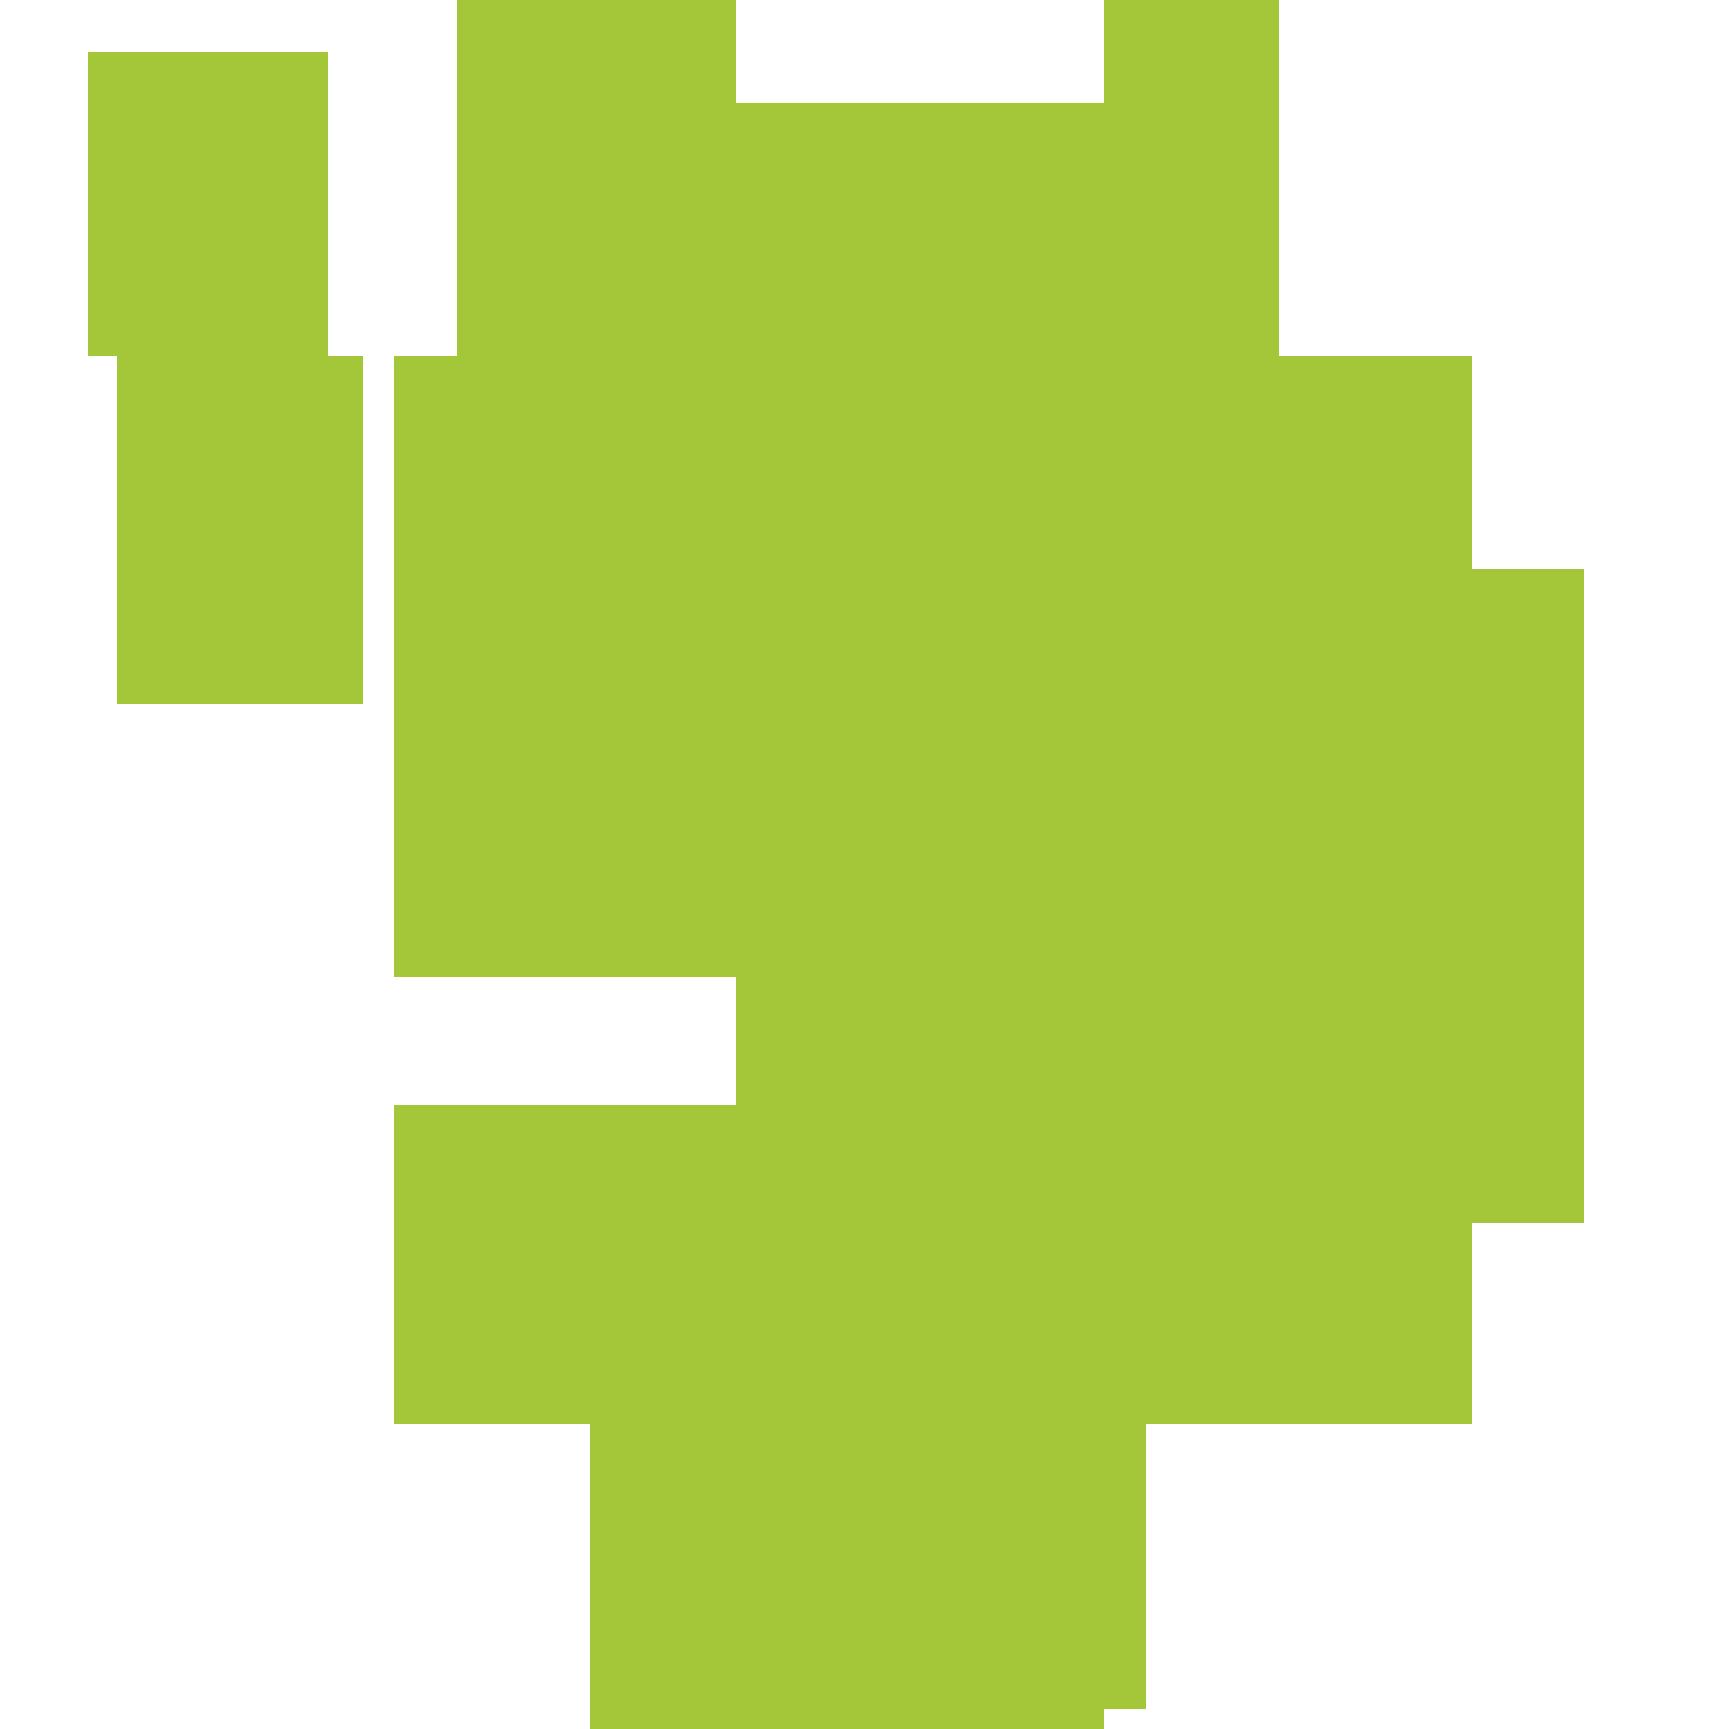 Disattivare Aggiornamenti Automatici Android